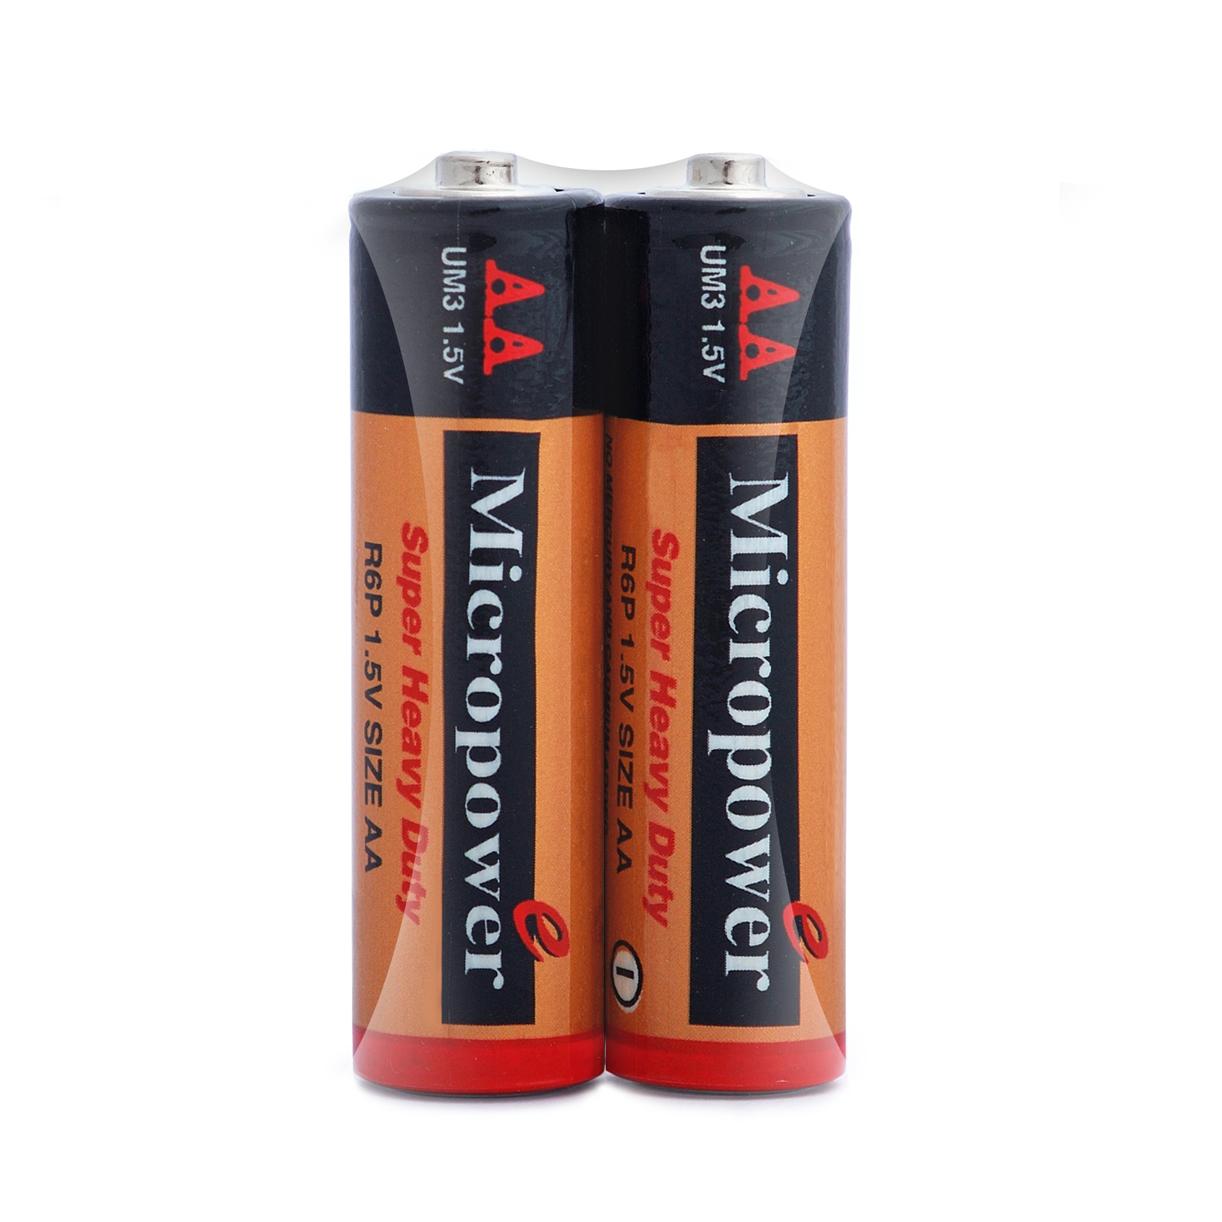 باتری کربن زینک قلمی شیرینک 2 تایی